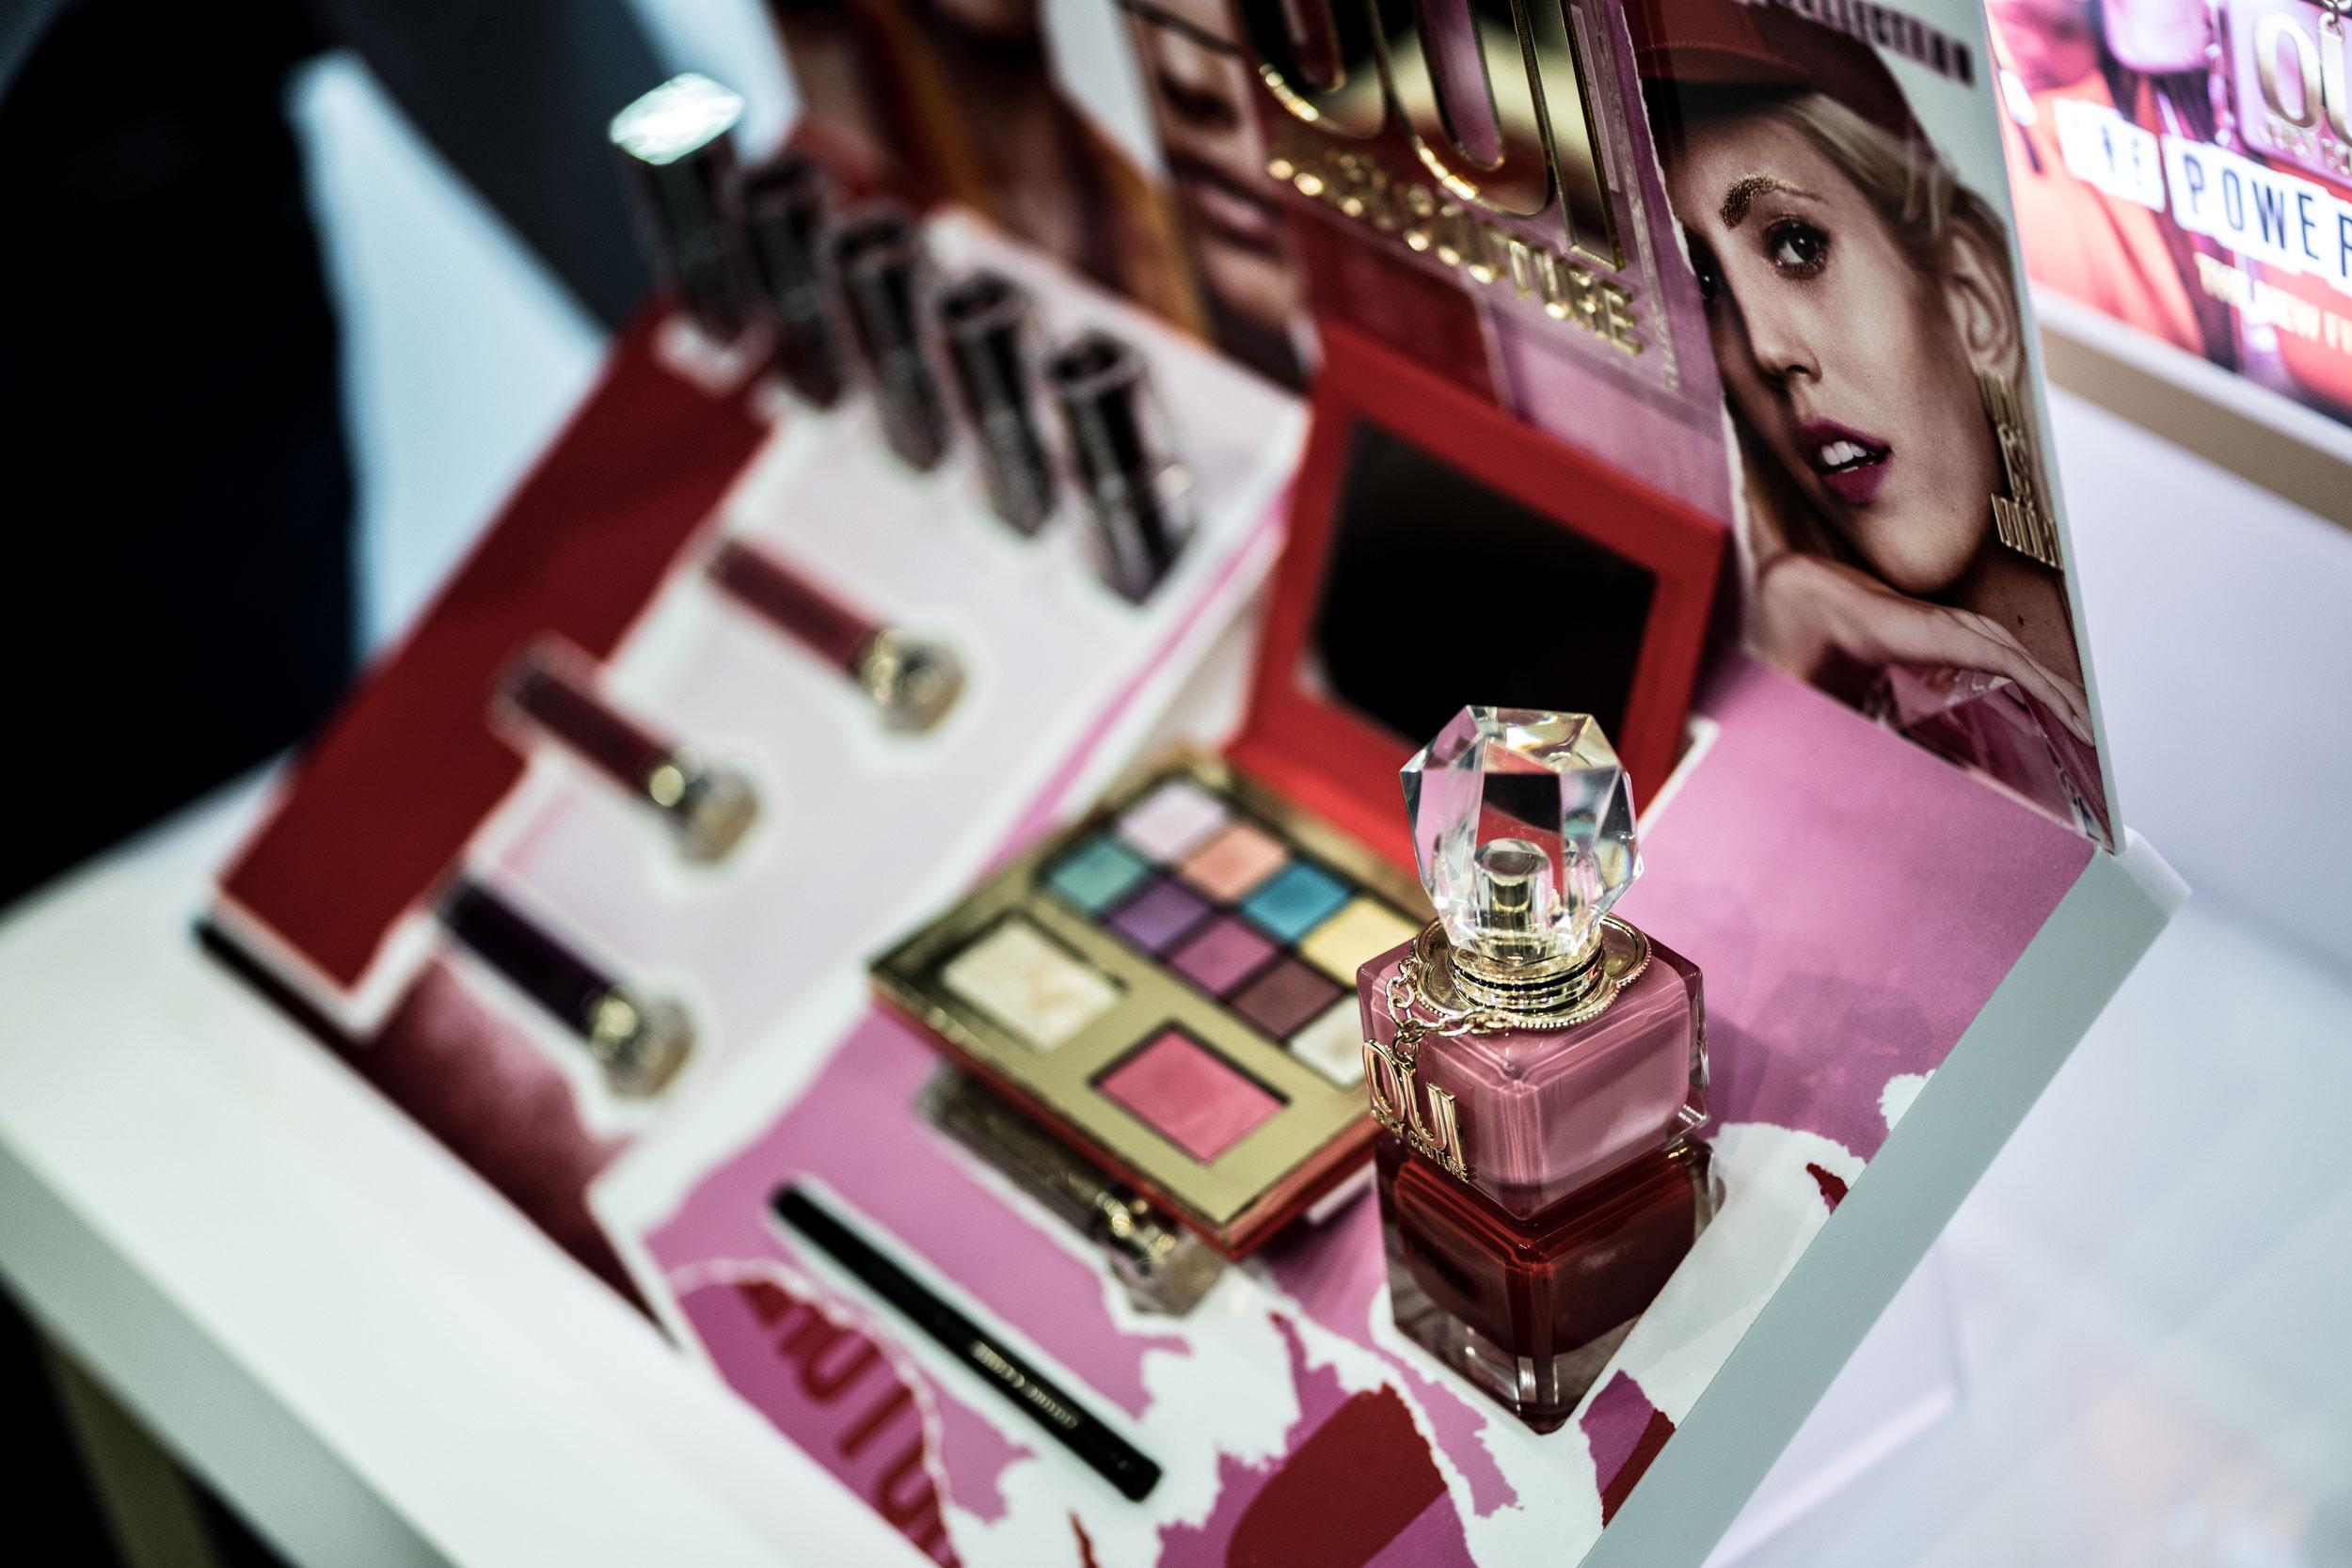 Línea de maquillaje Oui Juicy Couture